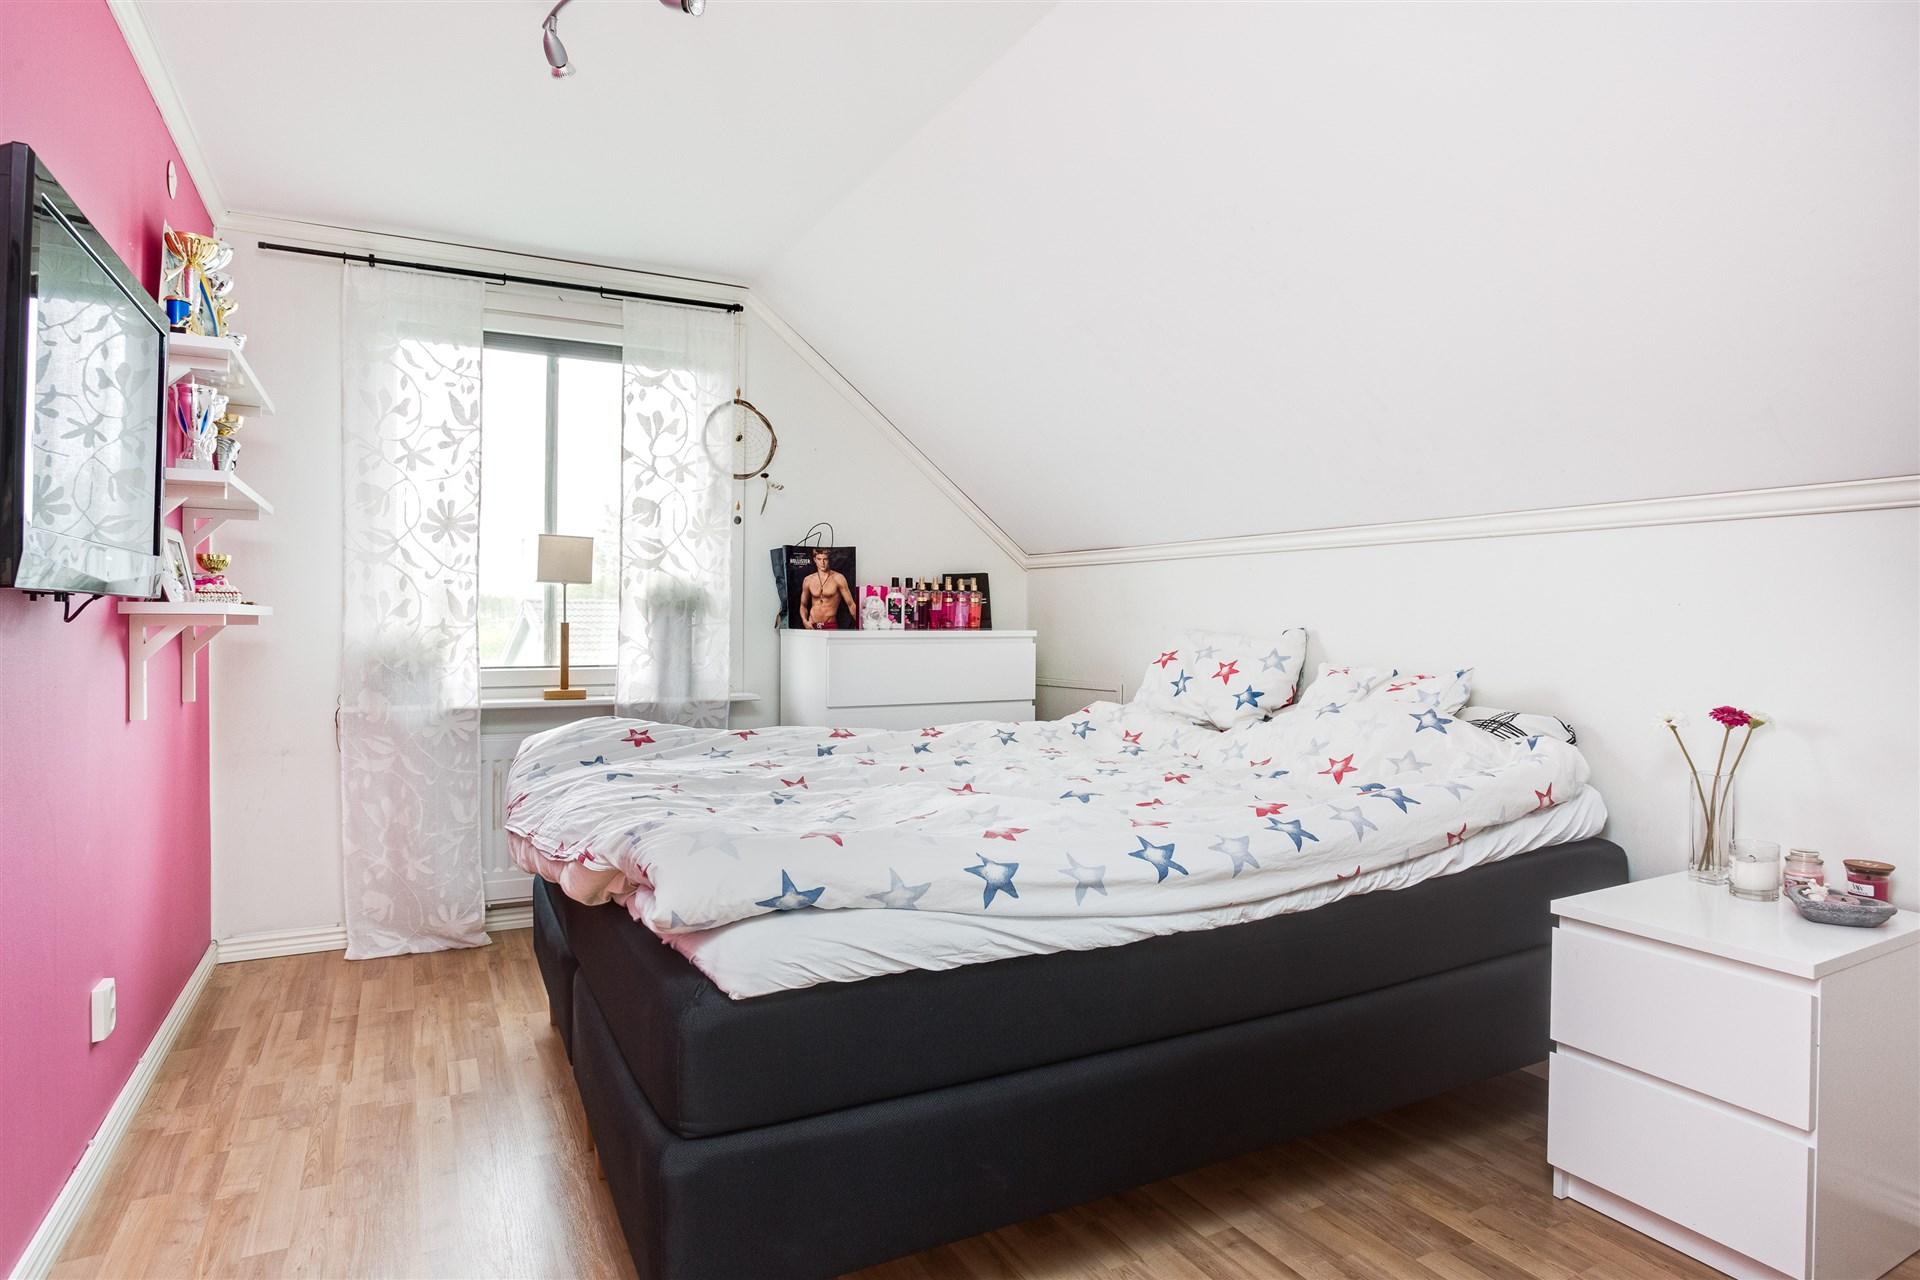 Sovrum 6 med 1 garderob och lucka till takfoten.